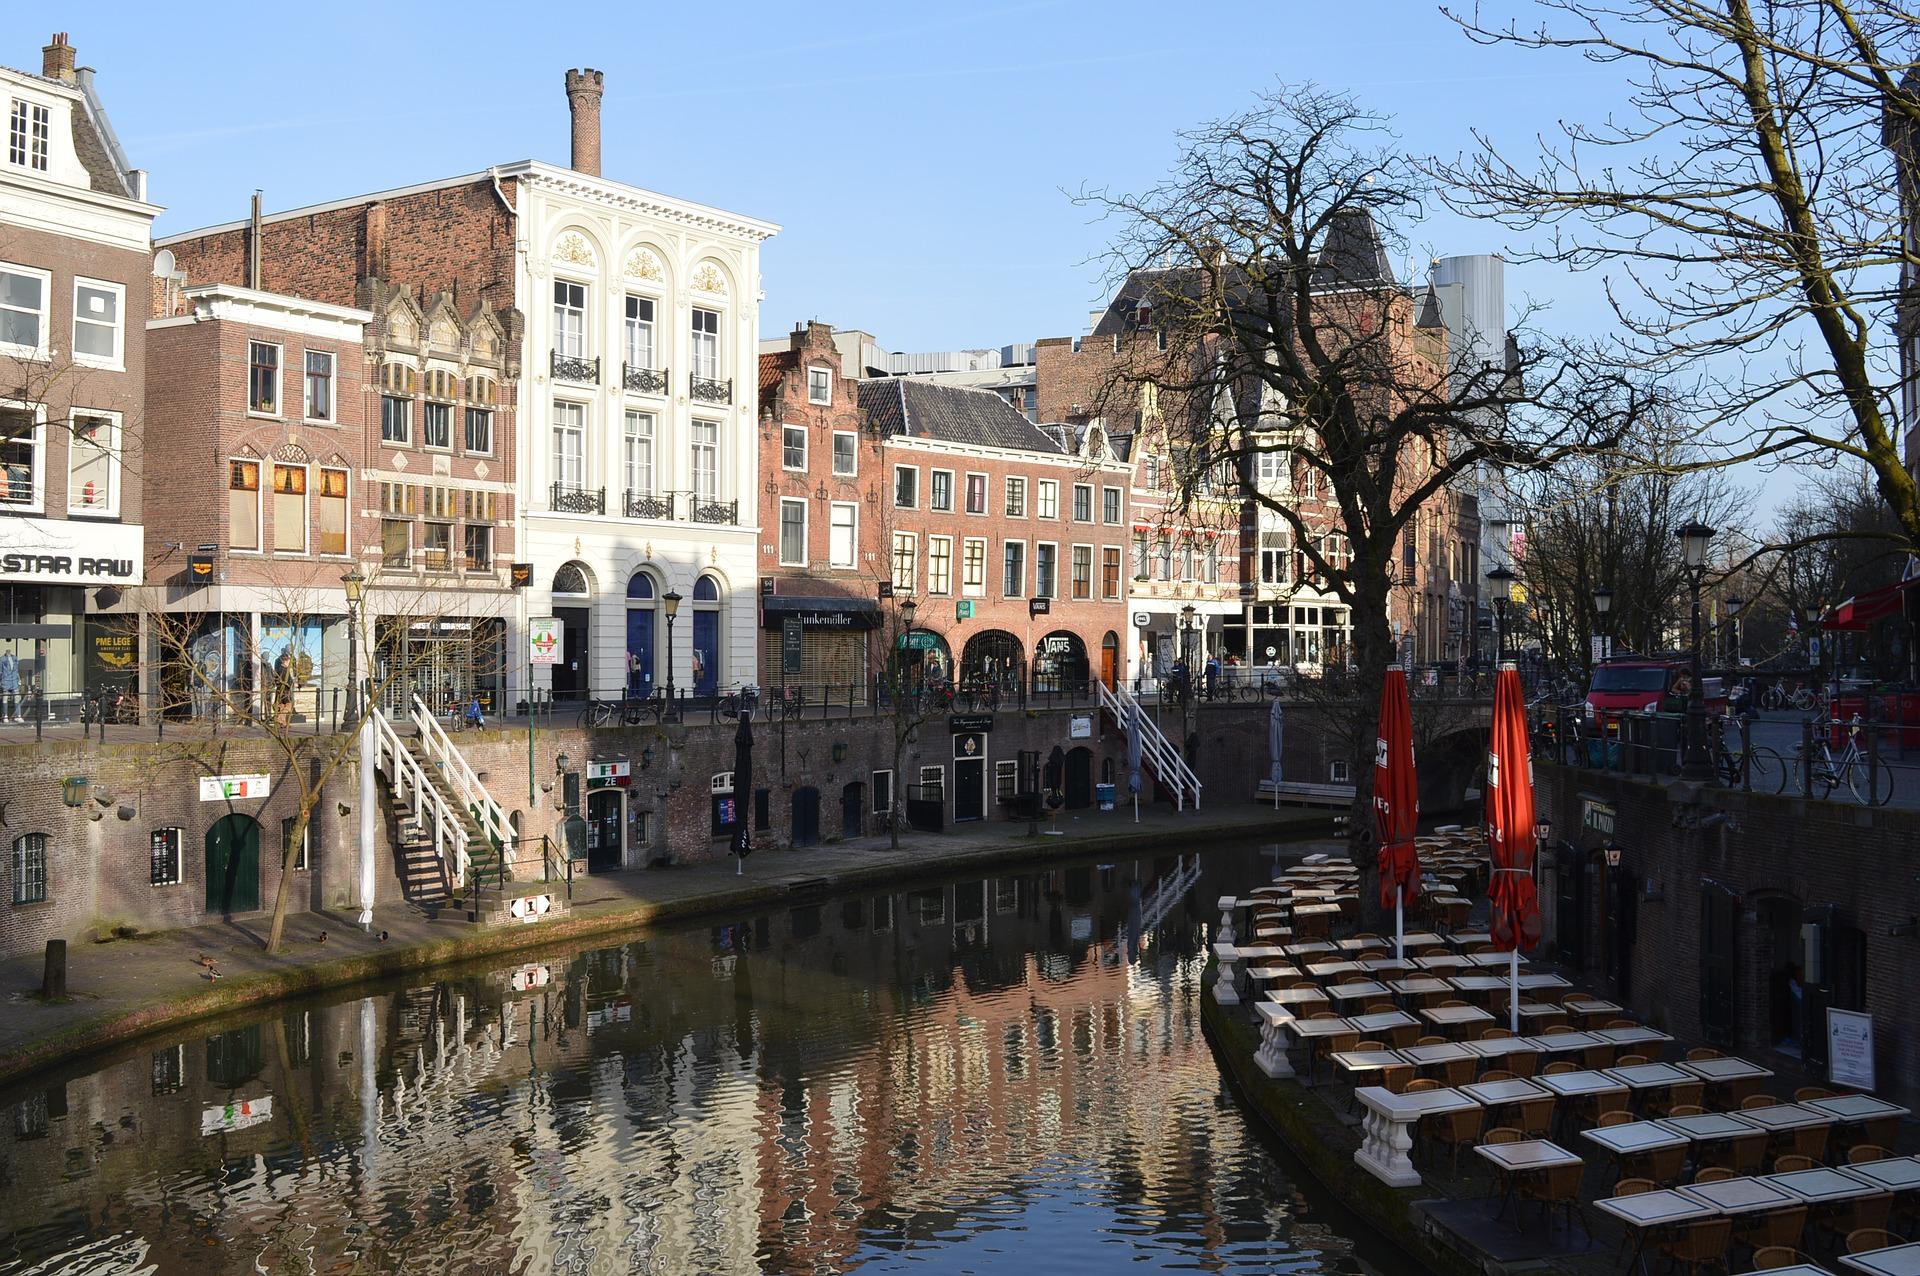 네덜란드 우트렉 도시정보: the Netherlands Utrecht